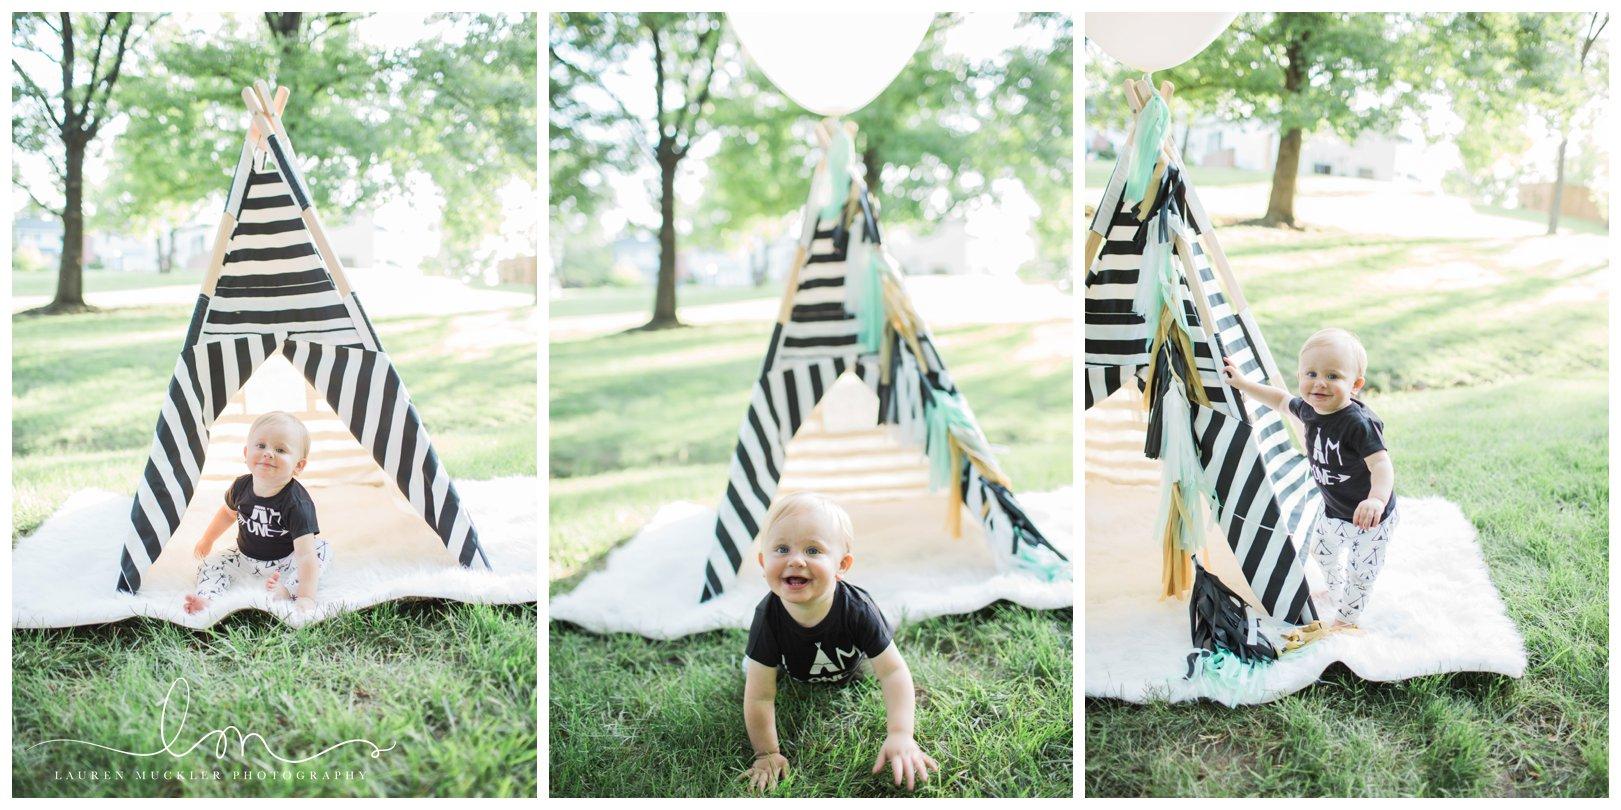 lauren muckler photography_fine art film wedding photography_st louis_photography_0337.jpg